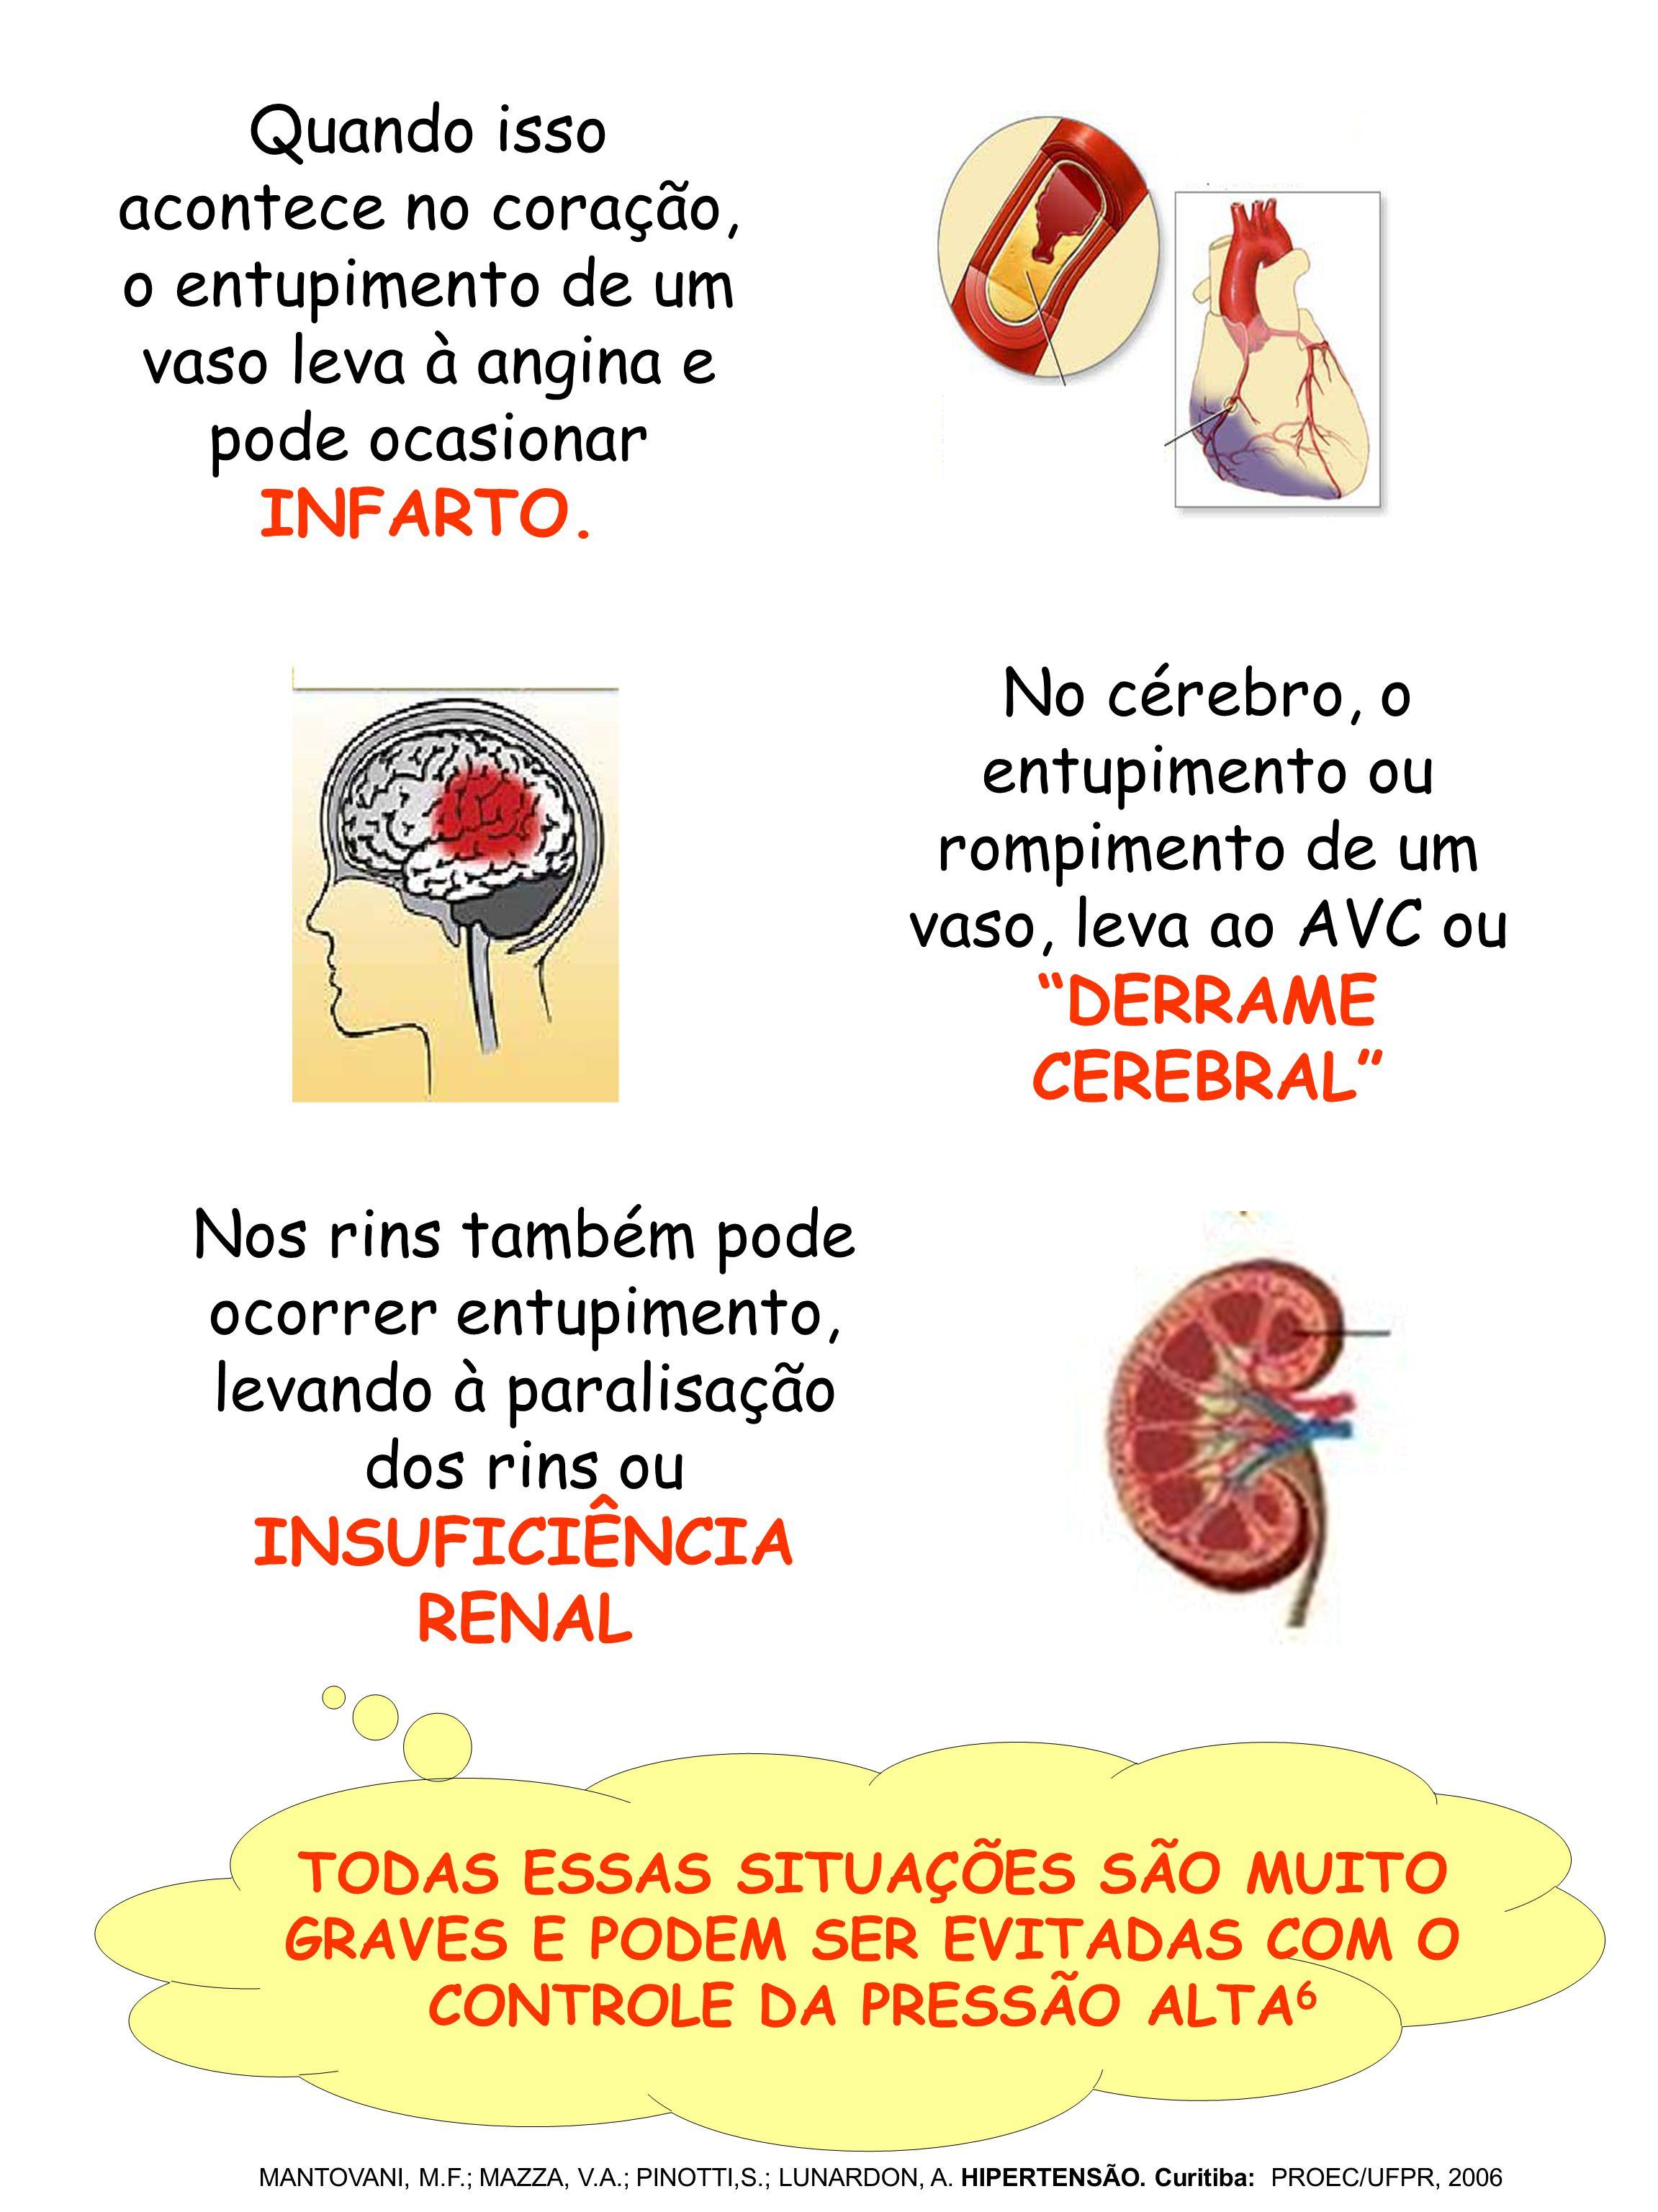 Quando isso acontece no coração, o entupimento de um vaso leva à angina e pode ocasionar INFARTO.